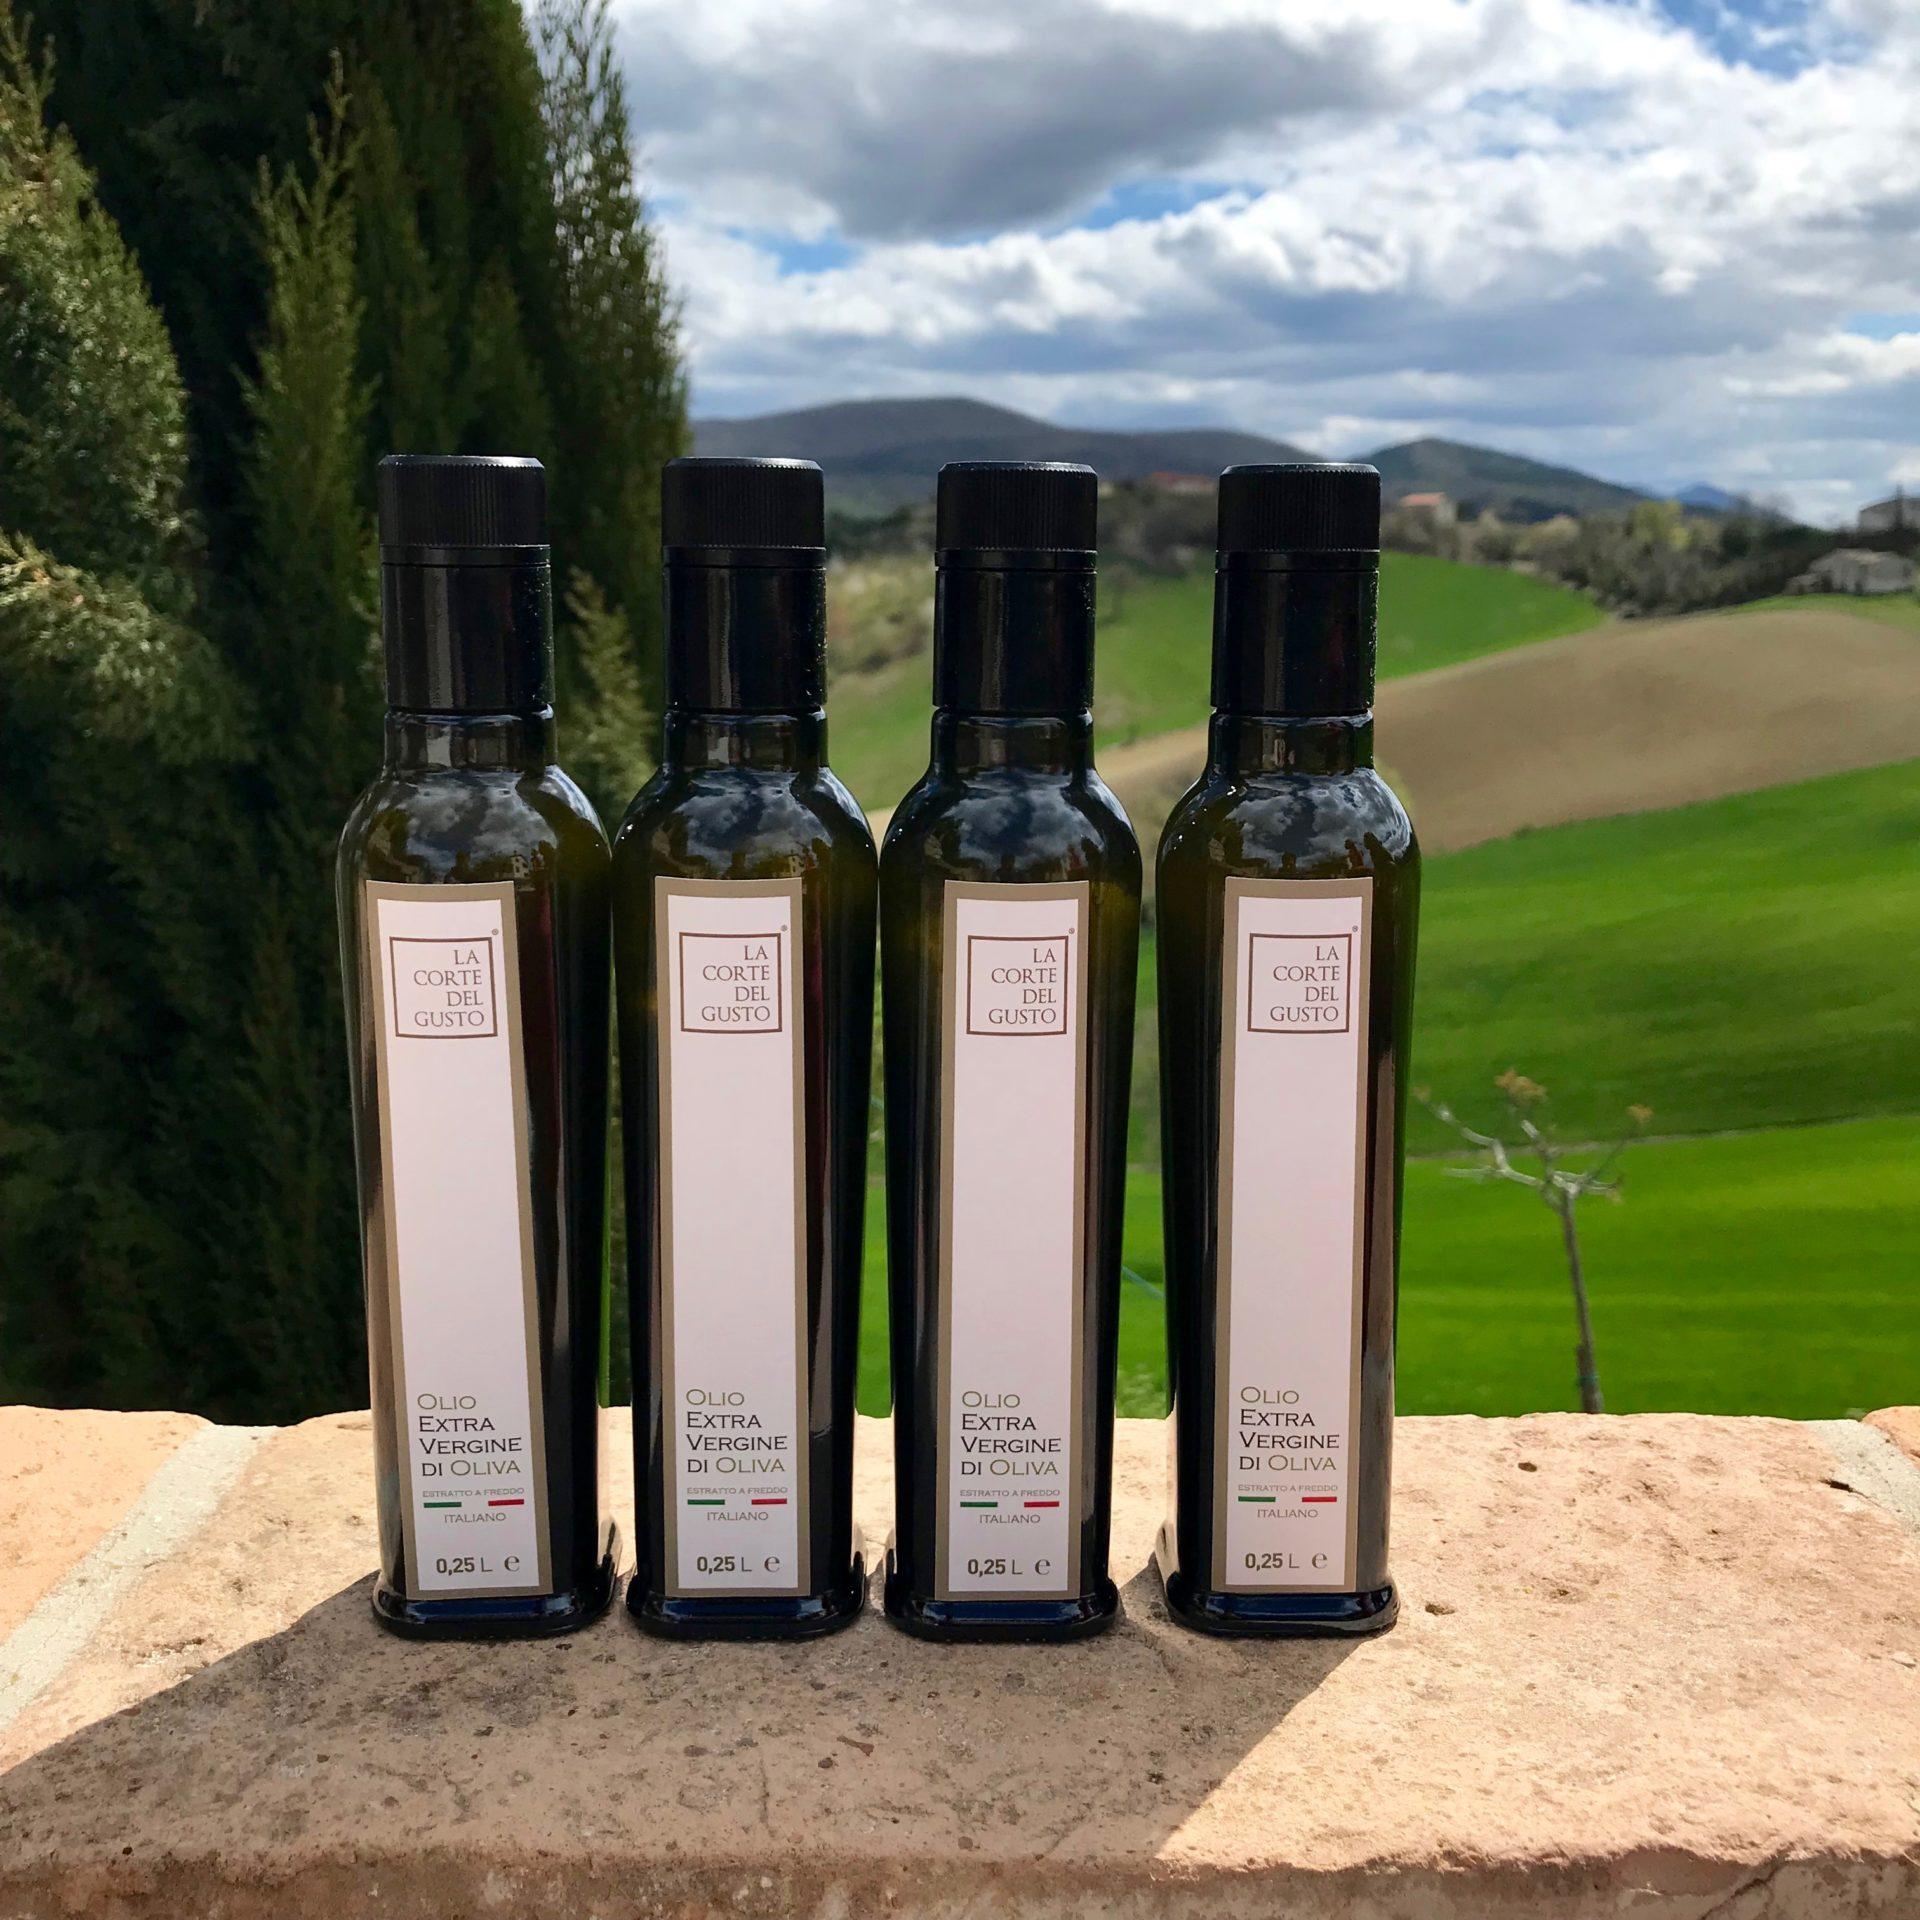 Olio Extra Vergine di Oliva La Corte del Gusto bottiglia da 0,25L